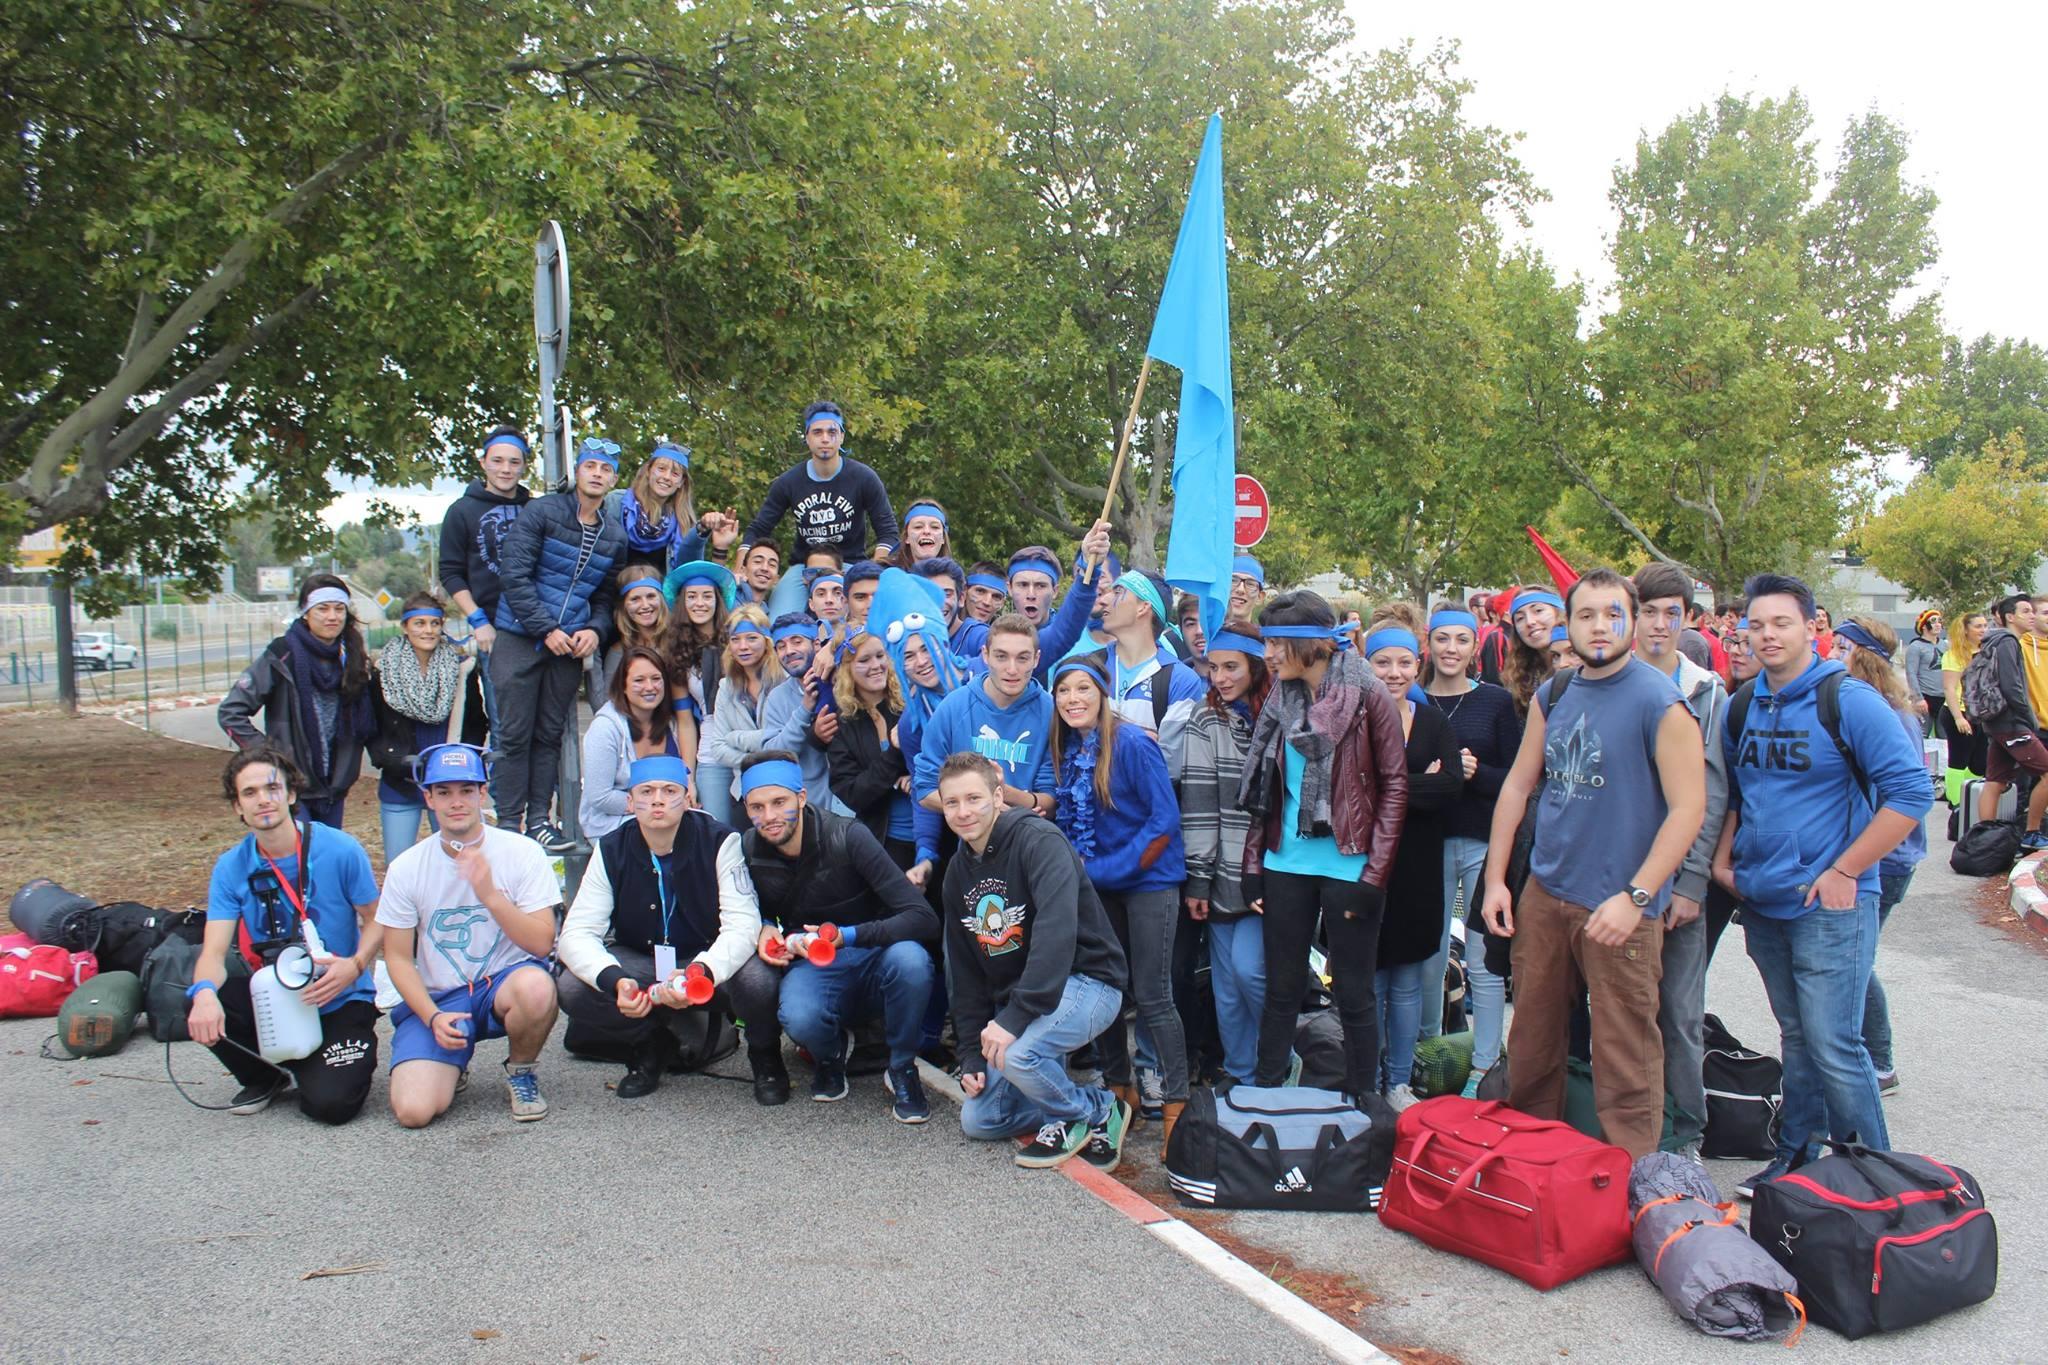 equipe bleu wei 2014 parking